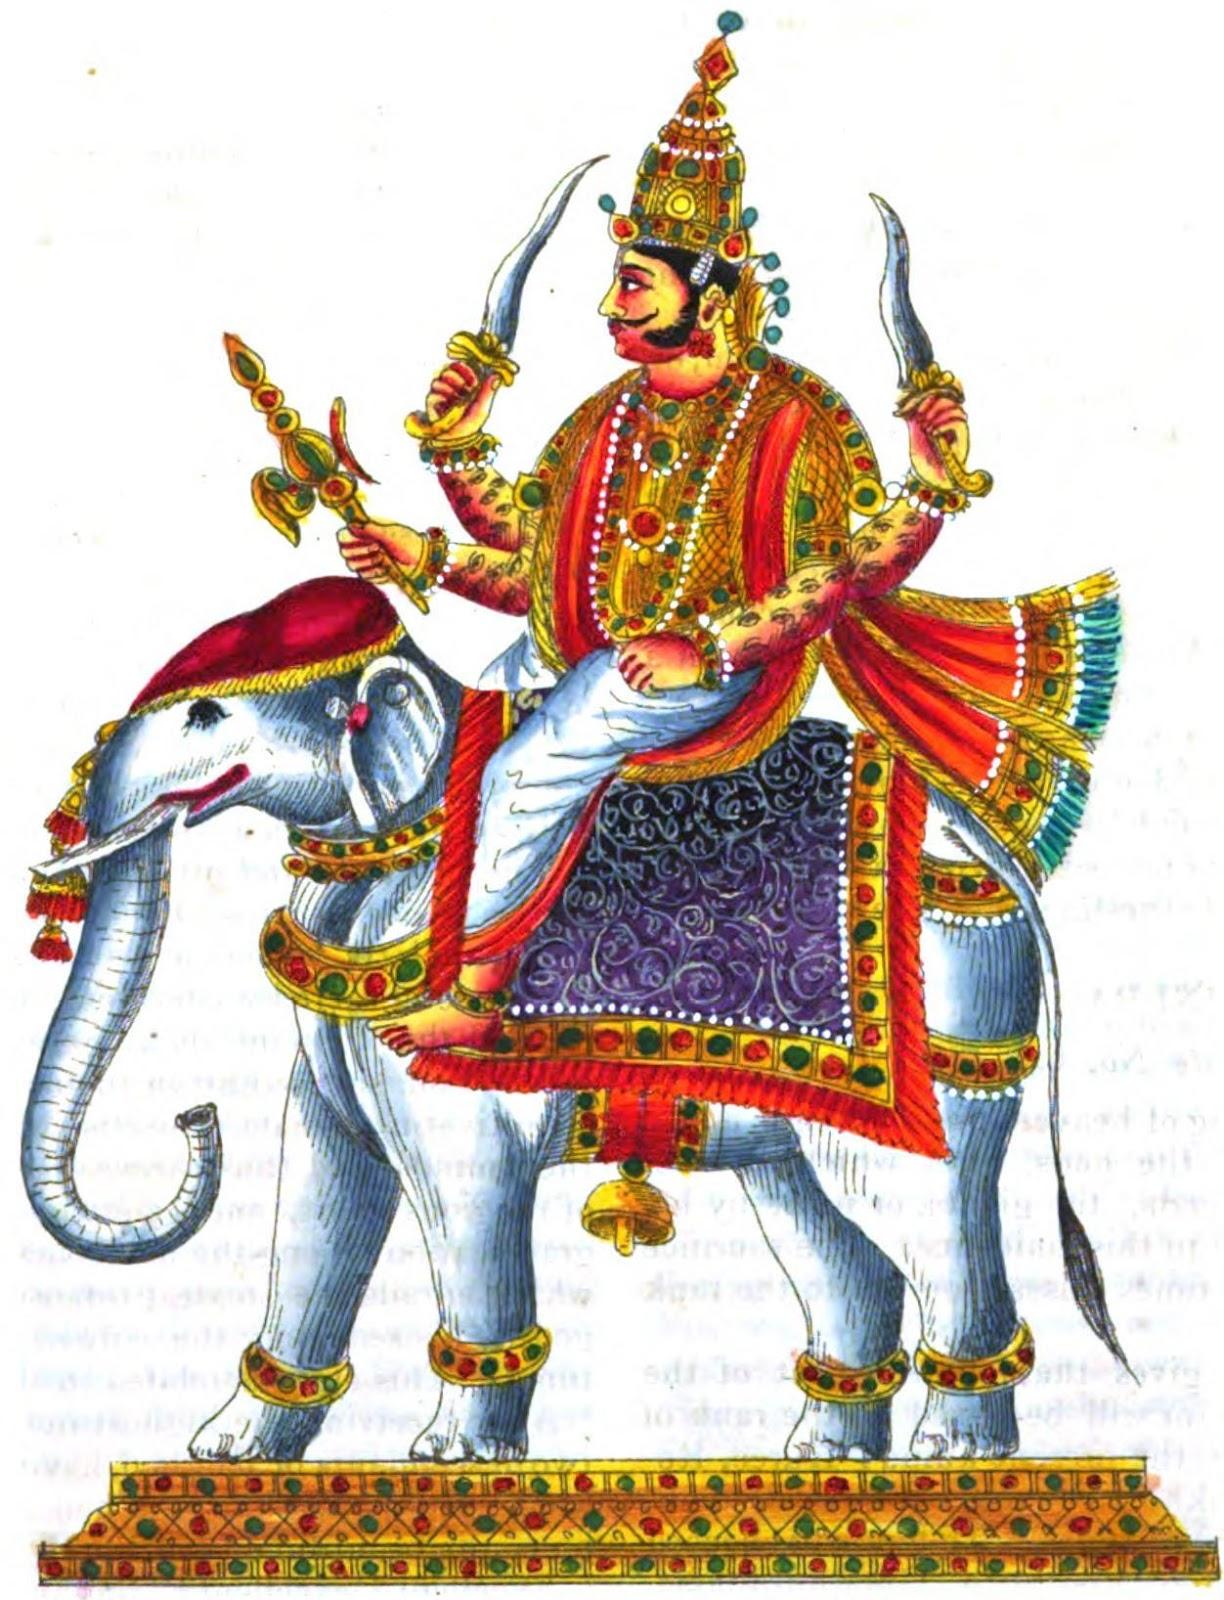 ఇంద్రుడు తనకు ప్రాప్తించిన బ్రహ్మహత్యా పాతకం, అందులోని నీతి - Indra and his brahma hatyapatakam